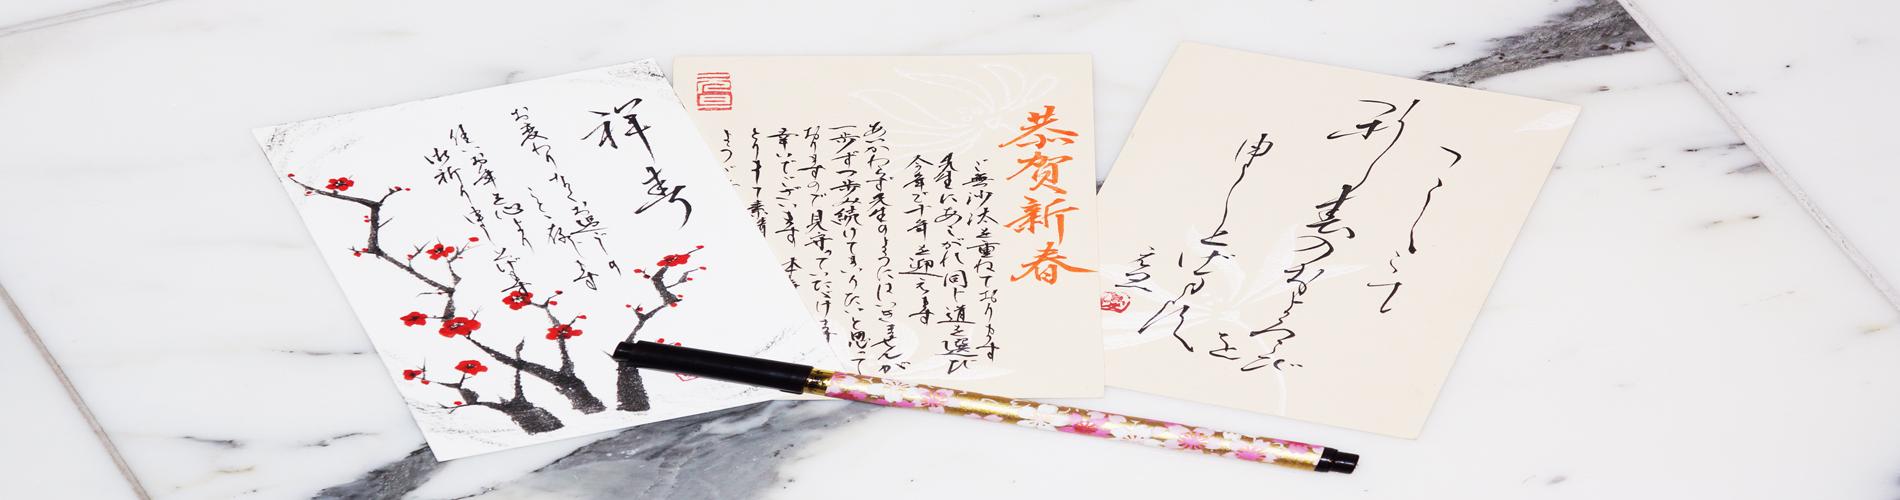 ペン習字 松山市 美文字 作品1